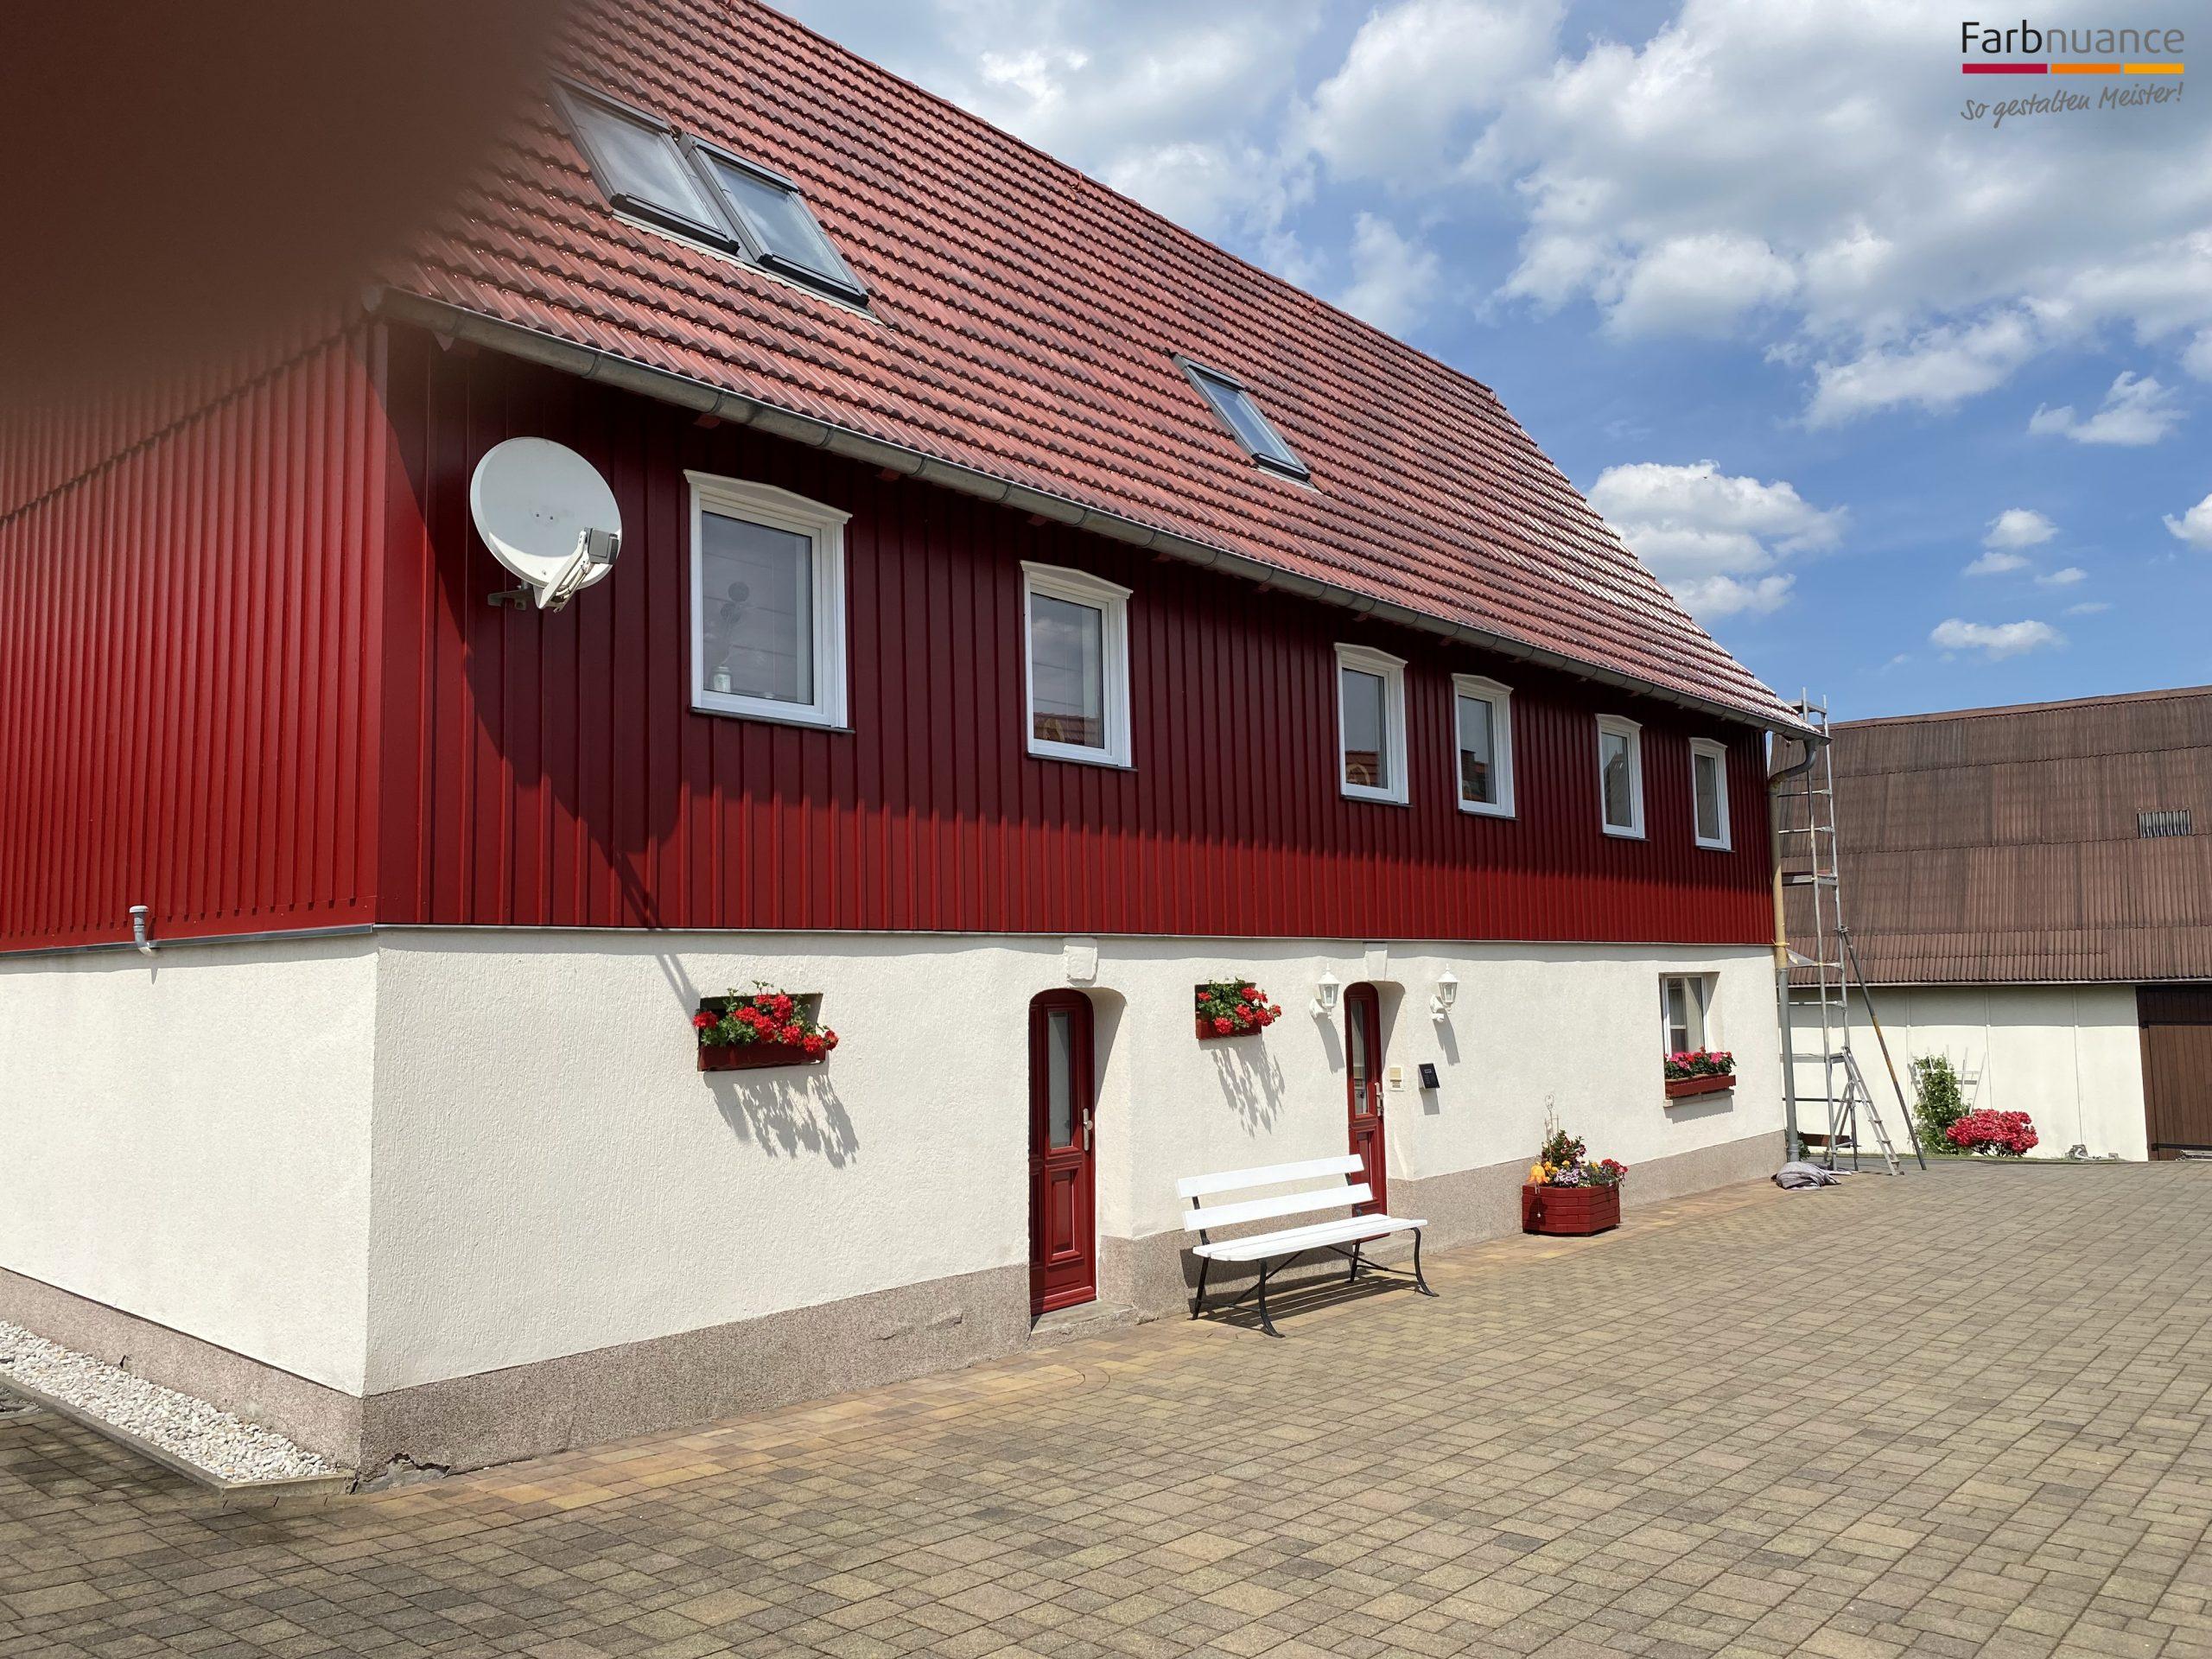 Porschdorf,Farbnuance, Maler,Malerfirma, Holzanstrich,Fassade,Gerüst (1)